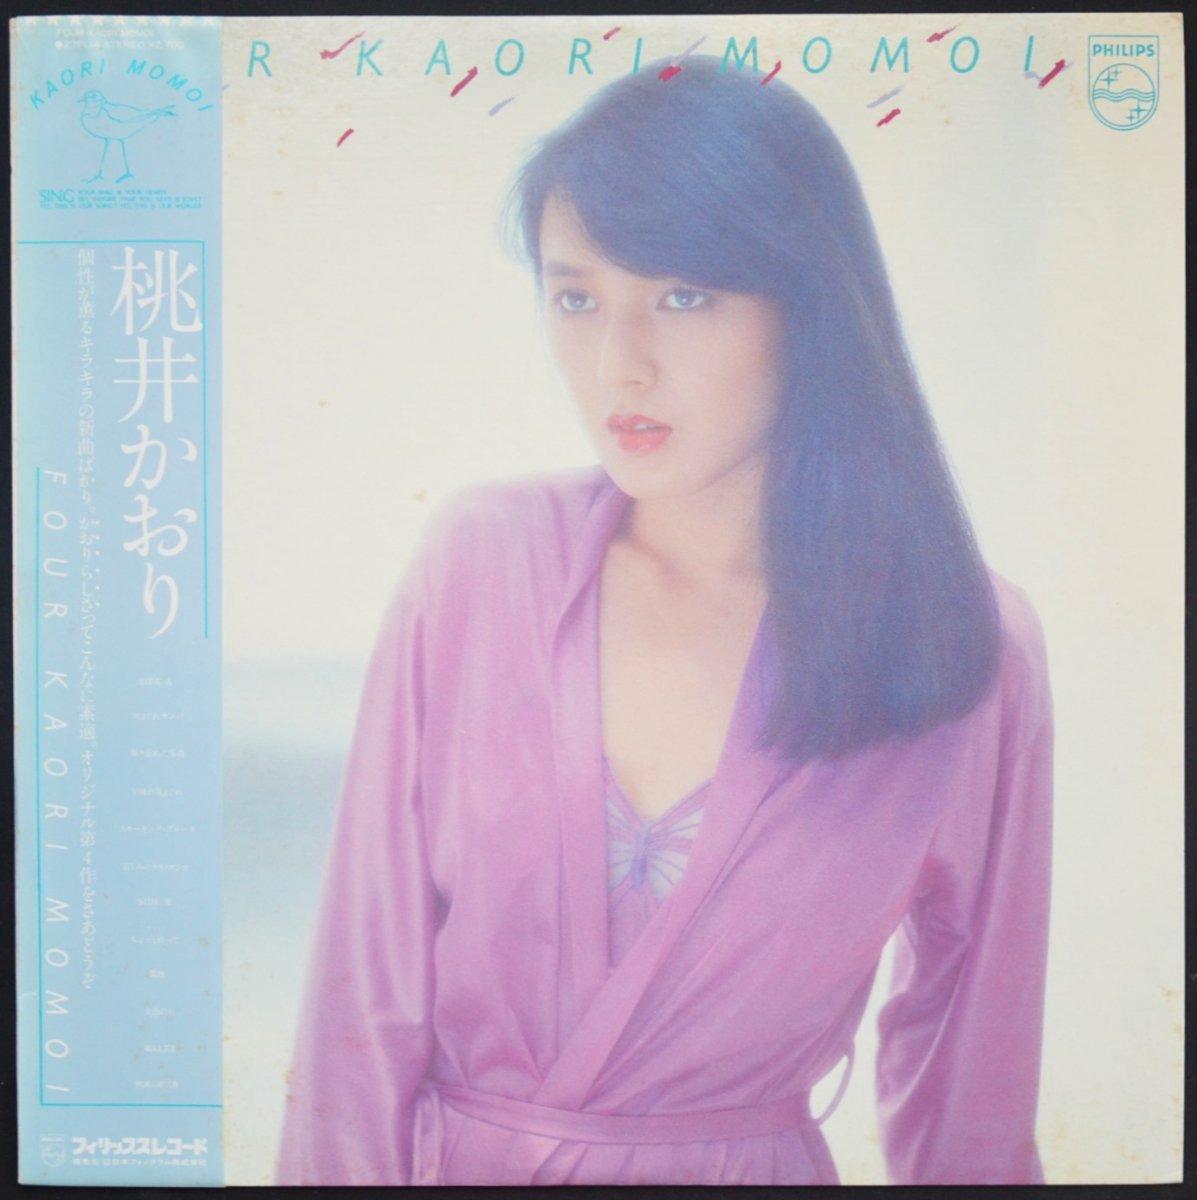 桃井かおり KAORI MOMOI / FOUR (LP)